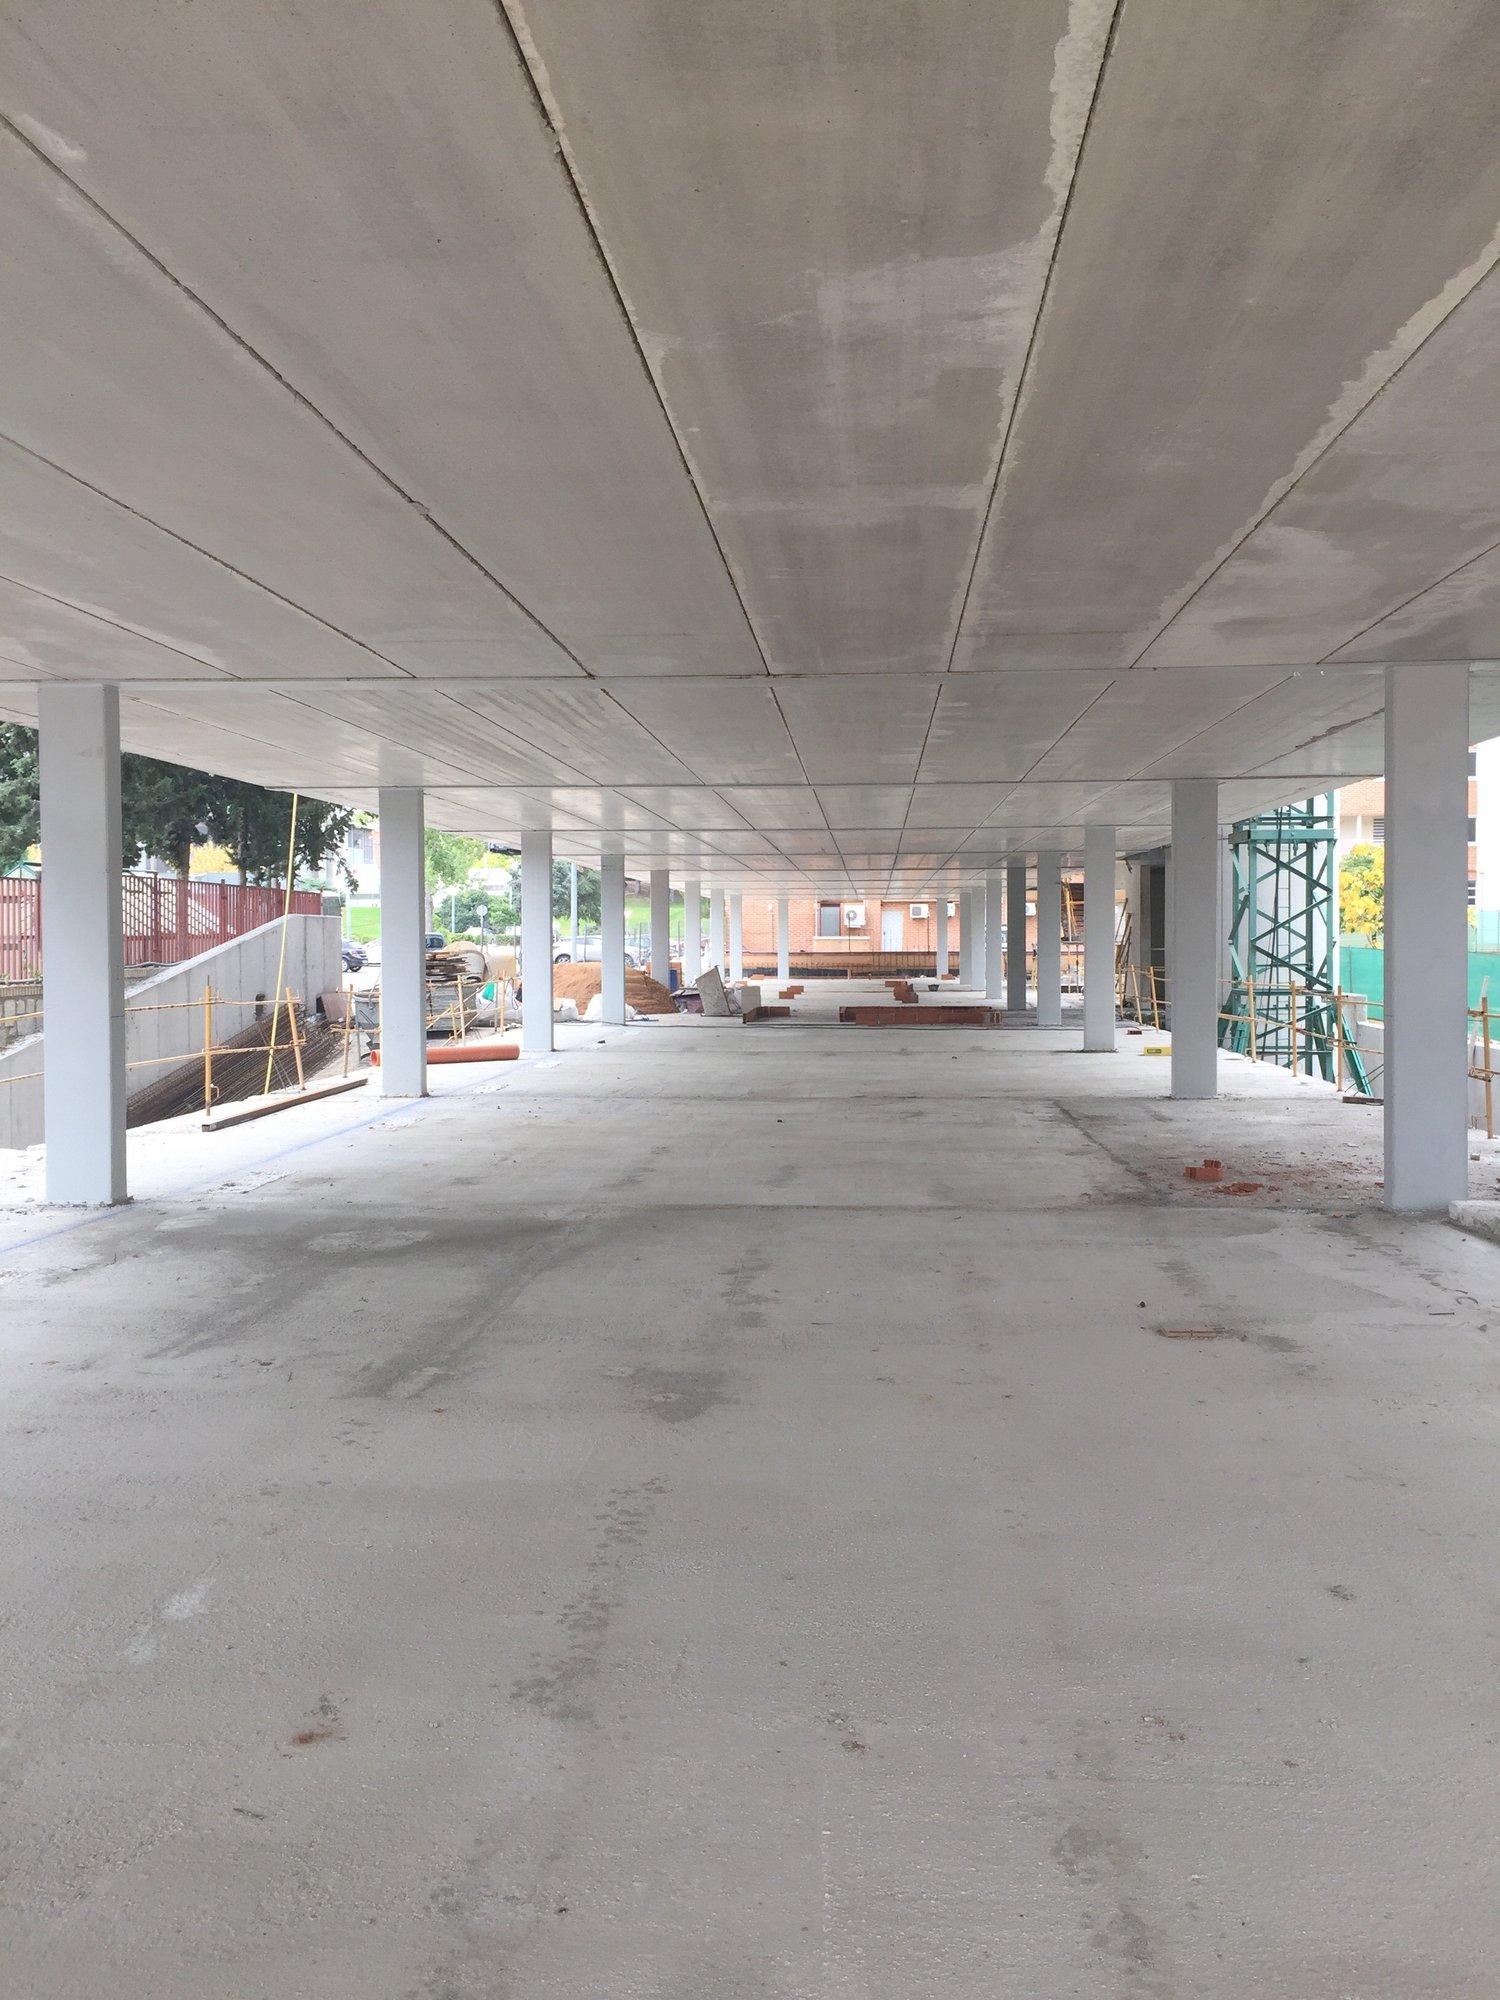 romero_vallejo_vitapolis_en_construcción_3